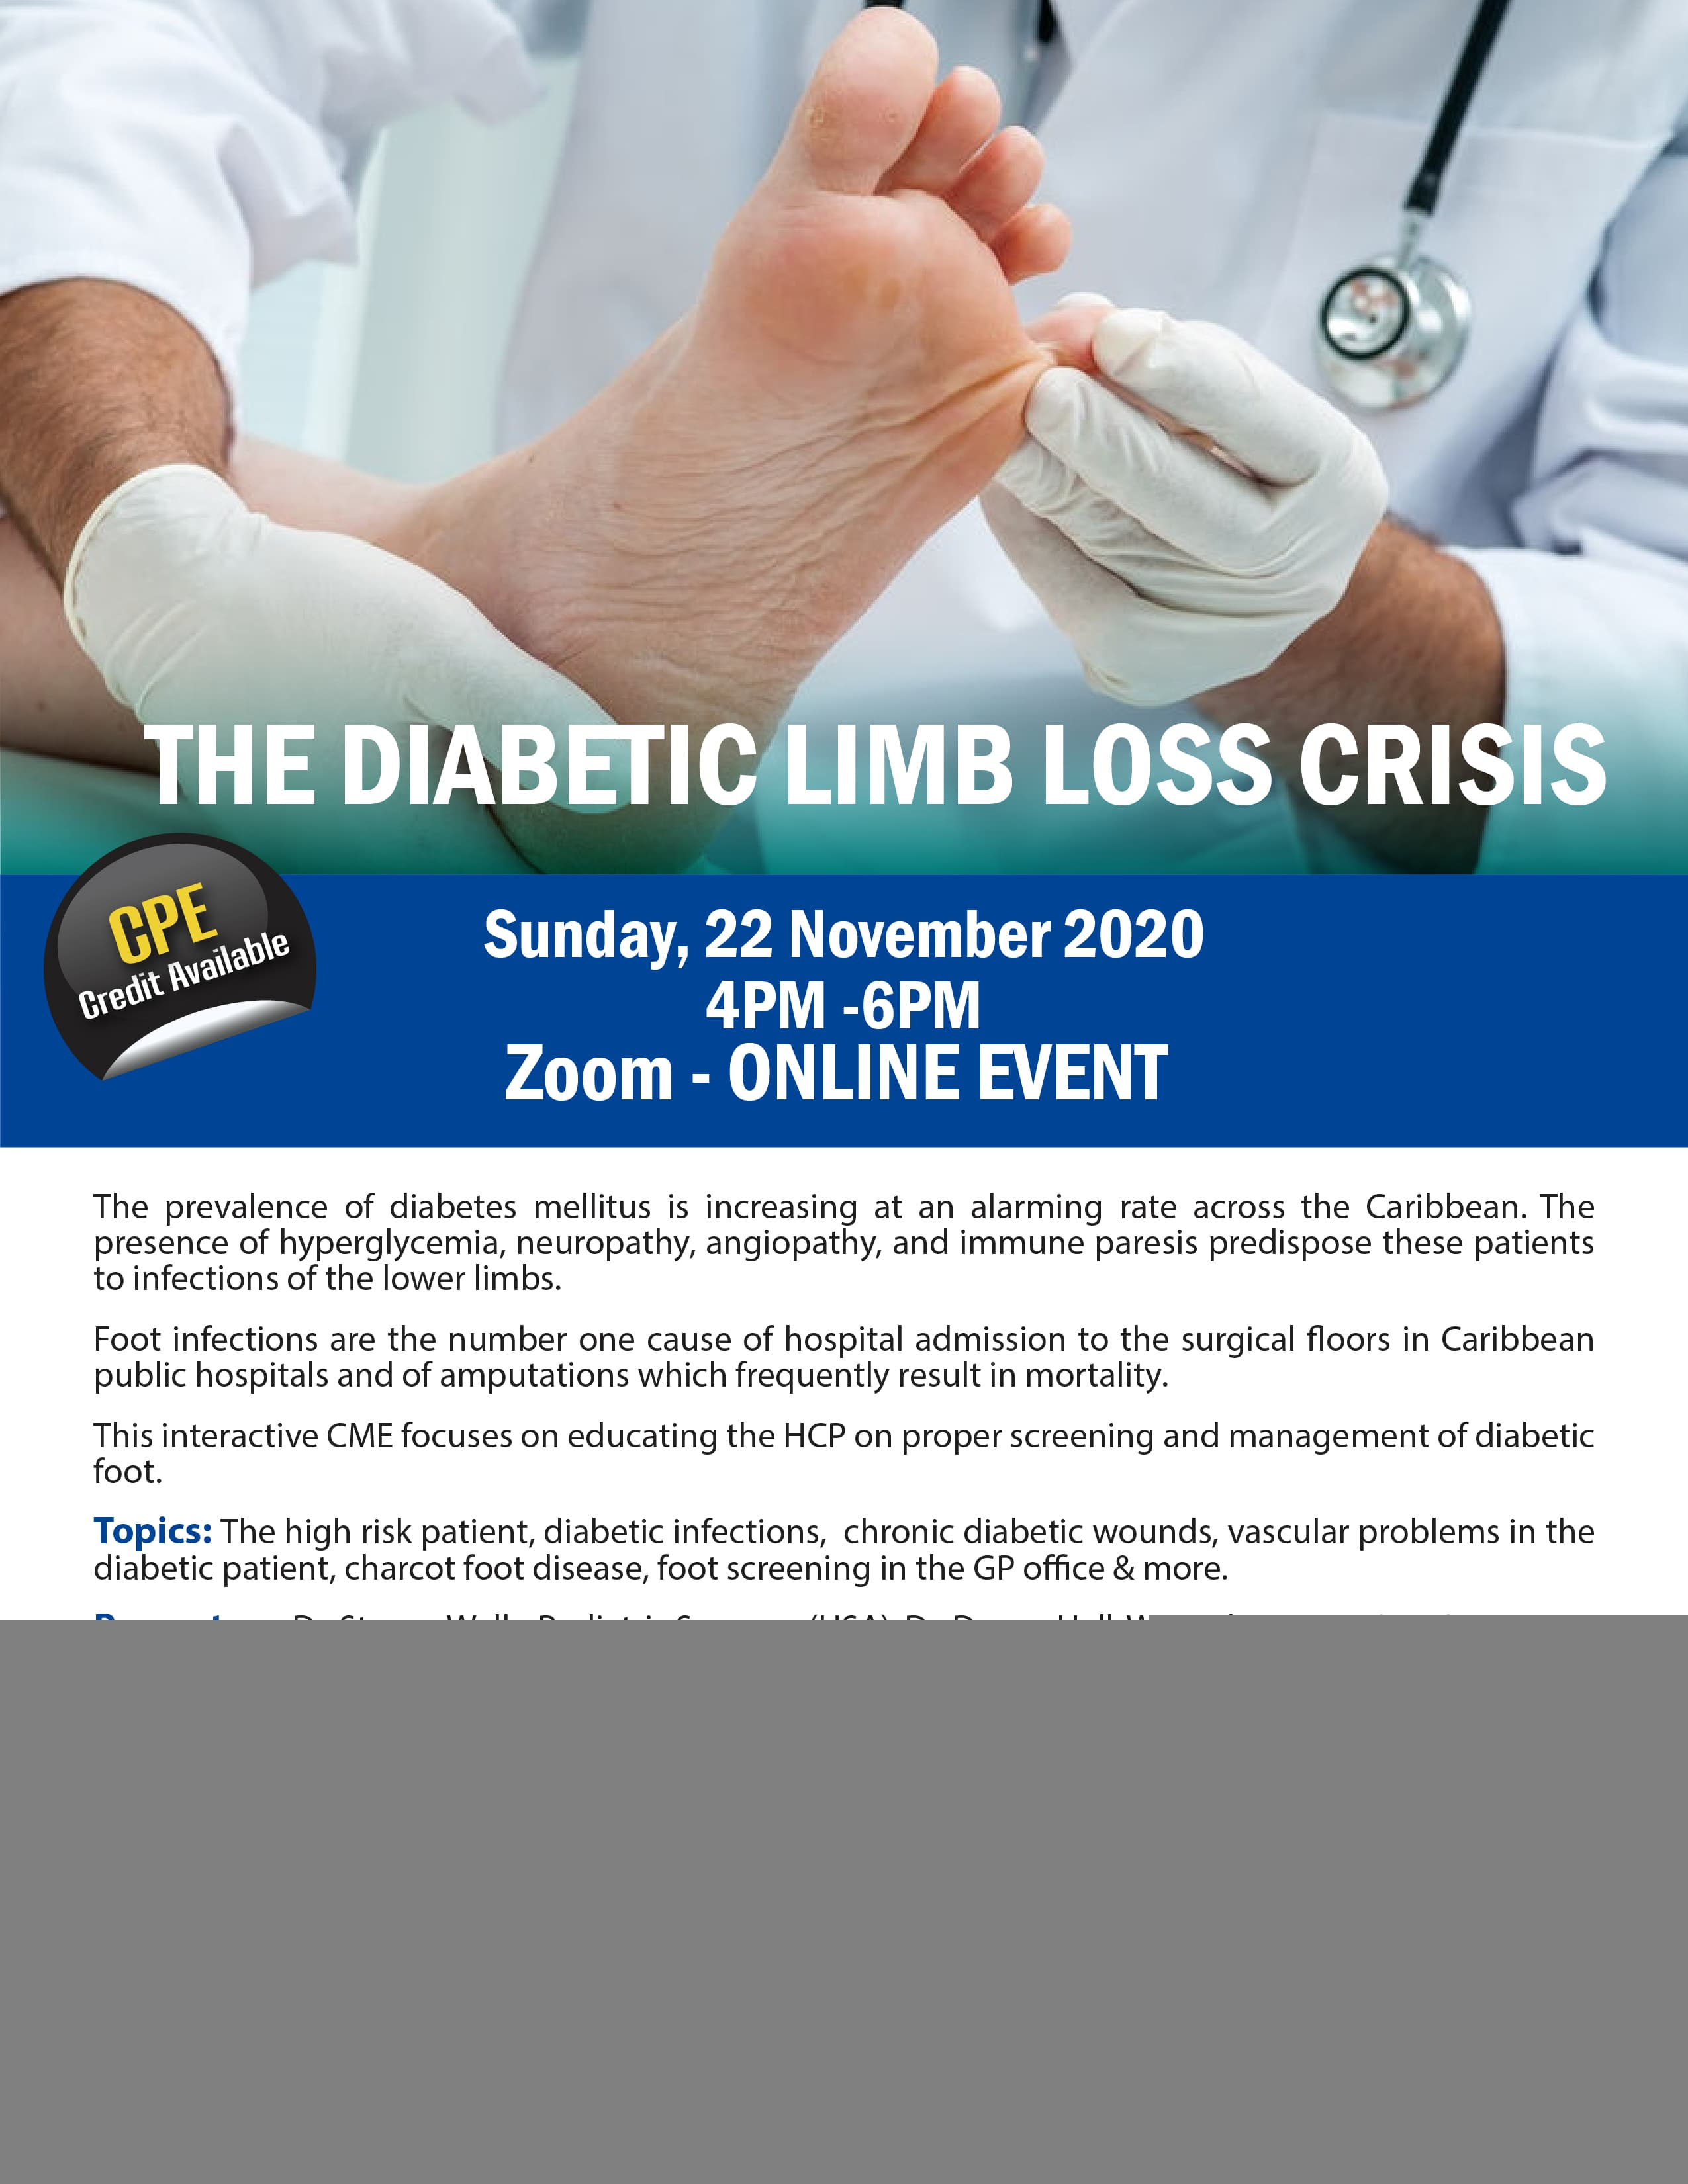 Diabetic Limb Loss Crisis